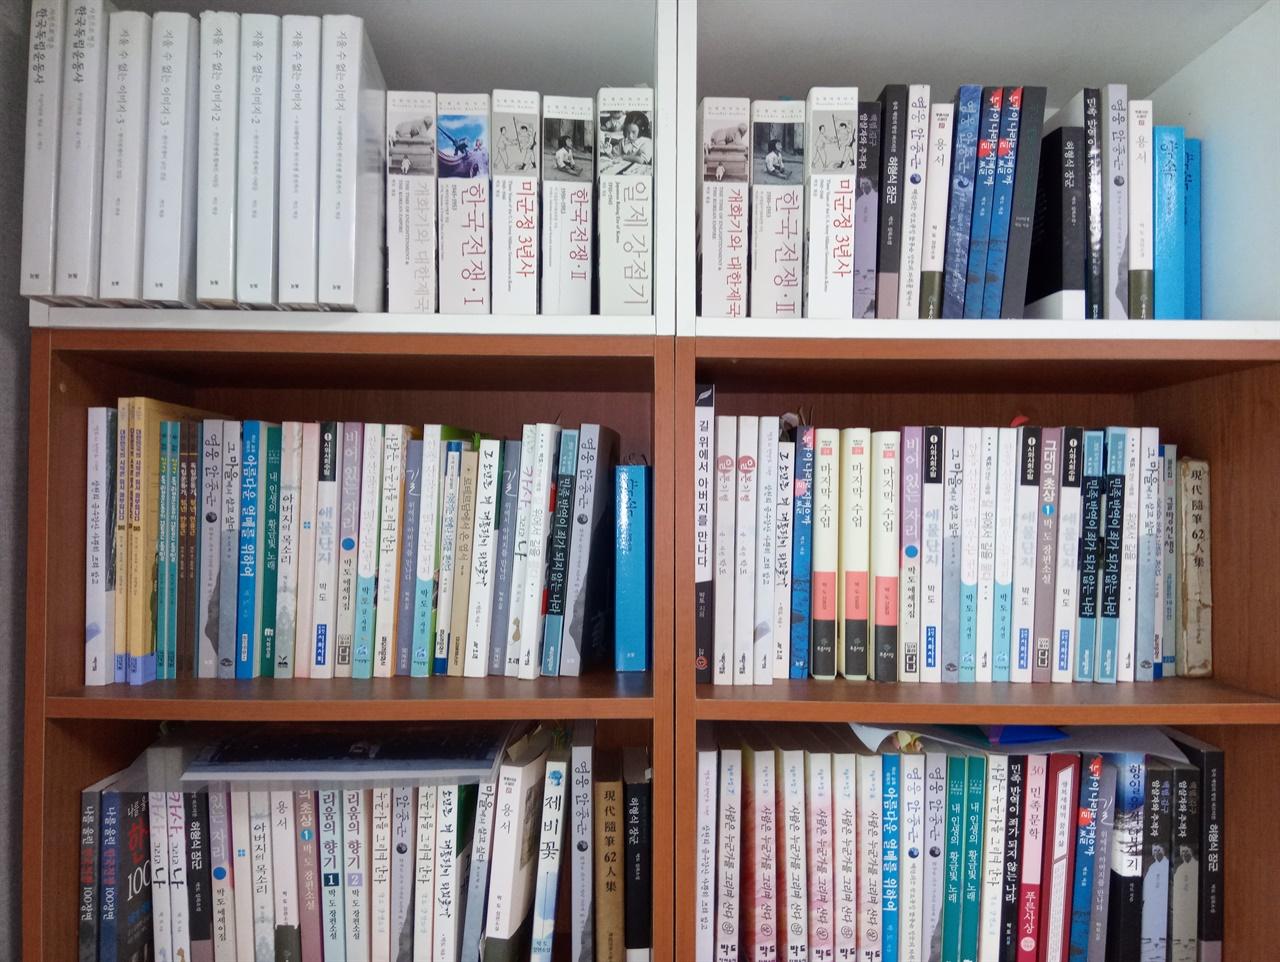 그동안 내가 펴낸 책들